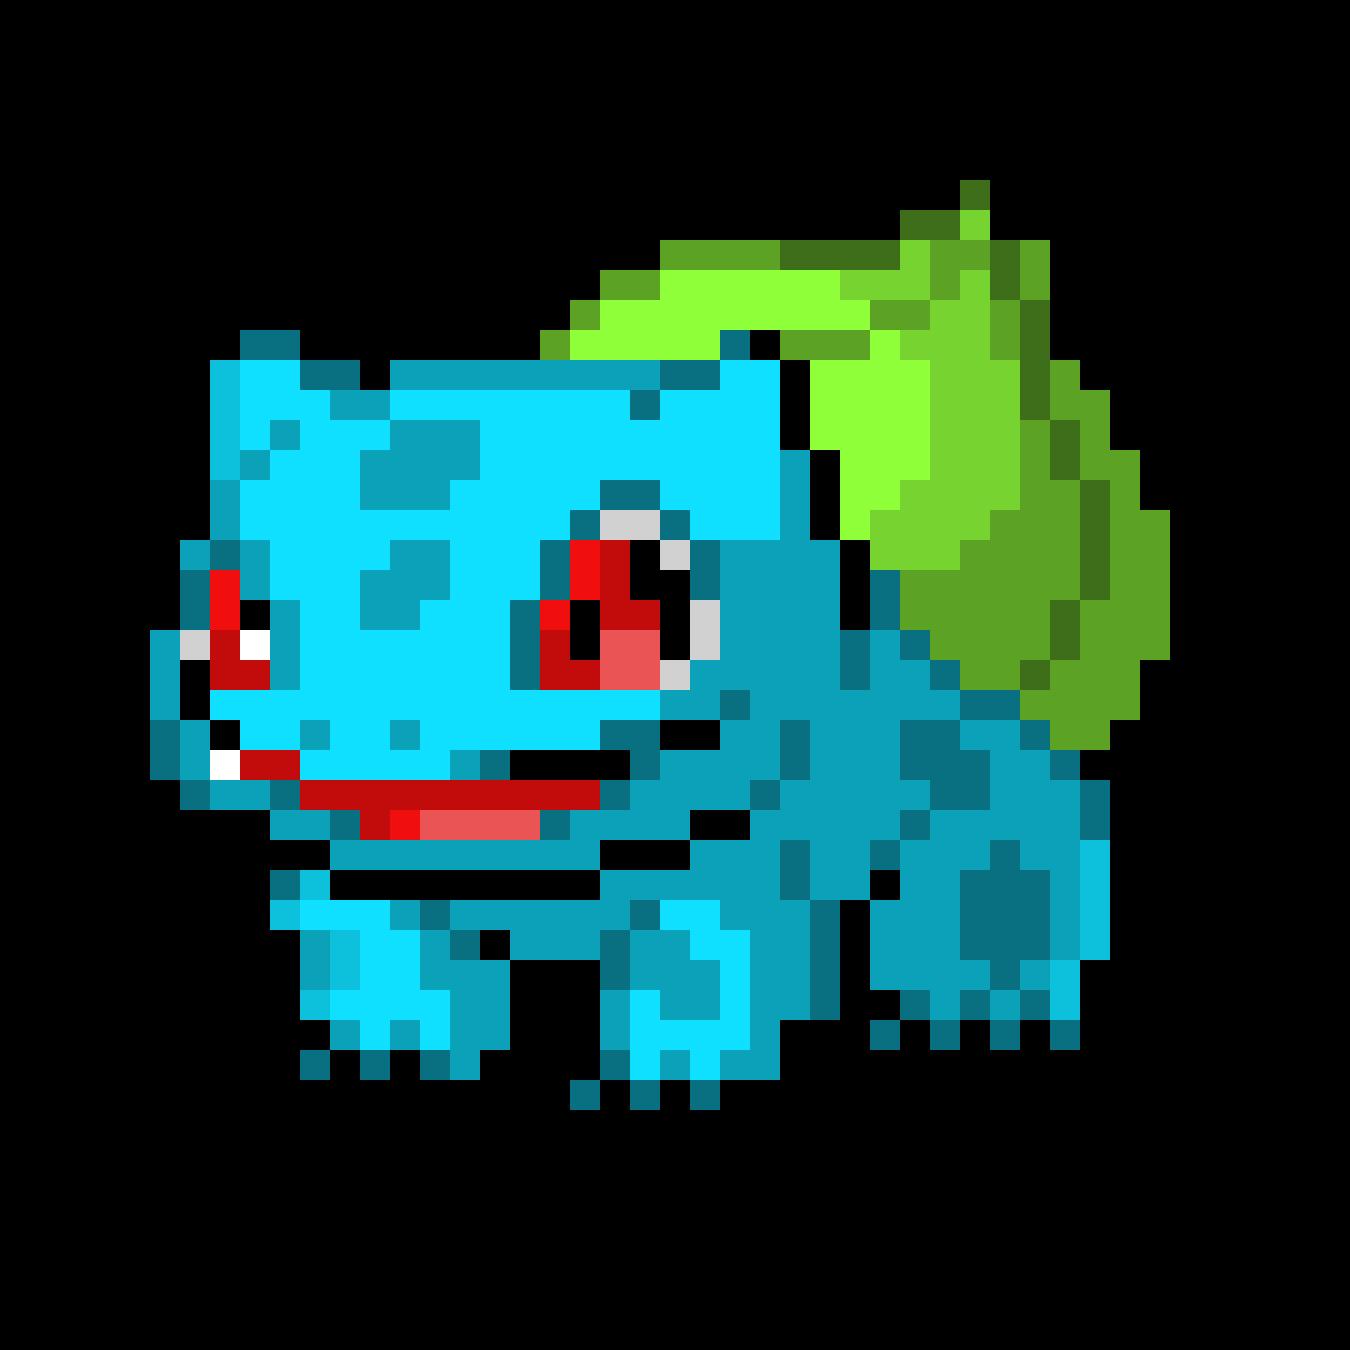 Bulbasaur Pixel Art Maker